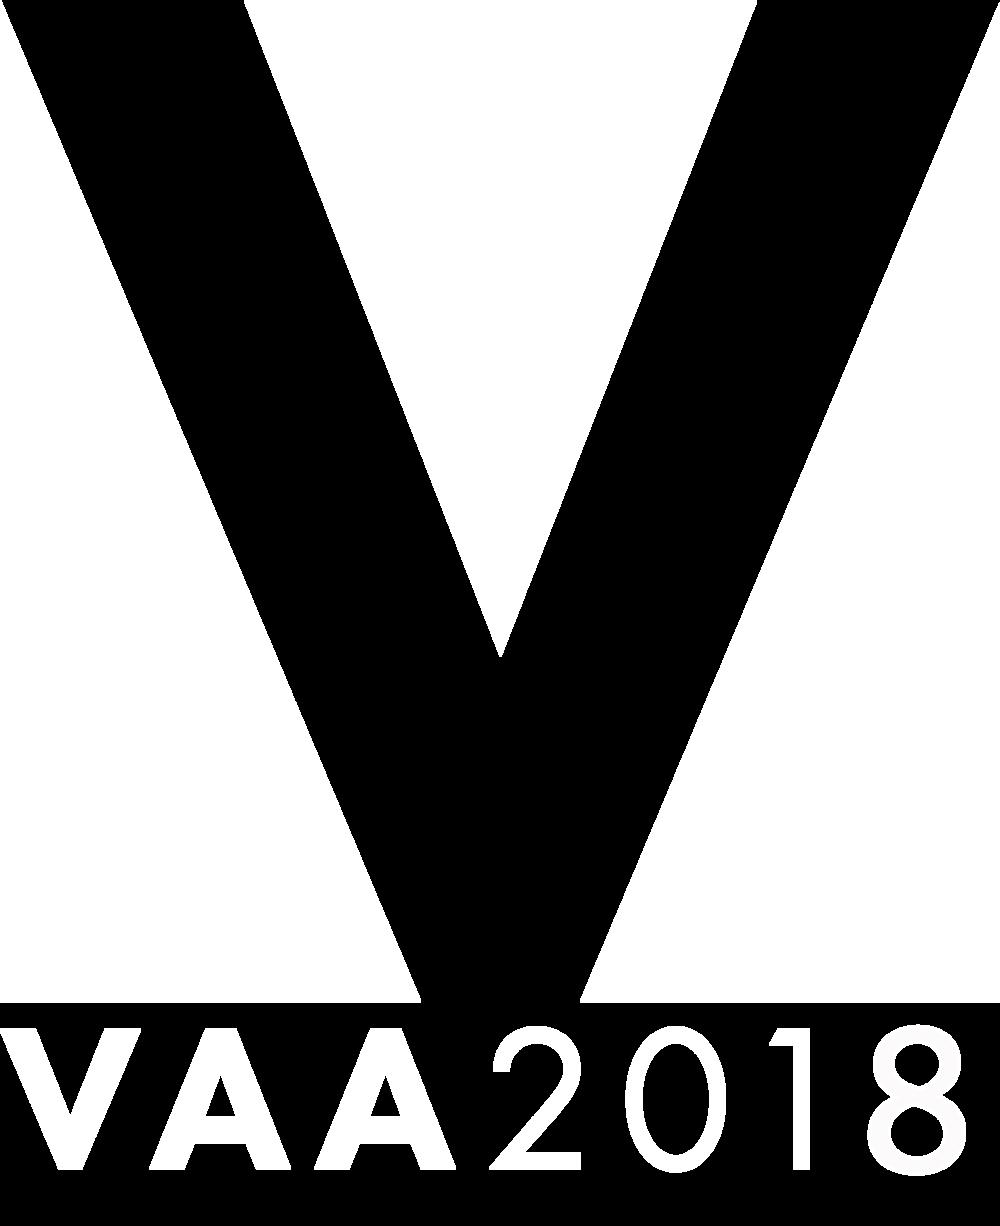 2VAA2018.png